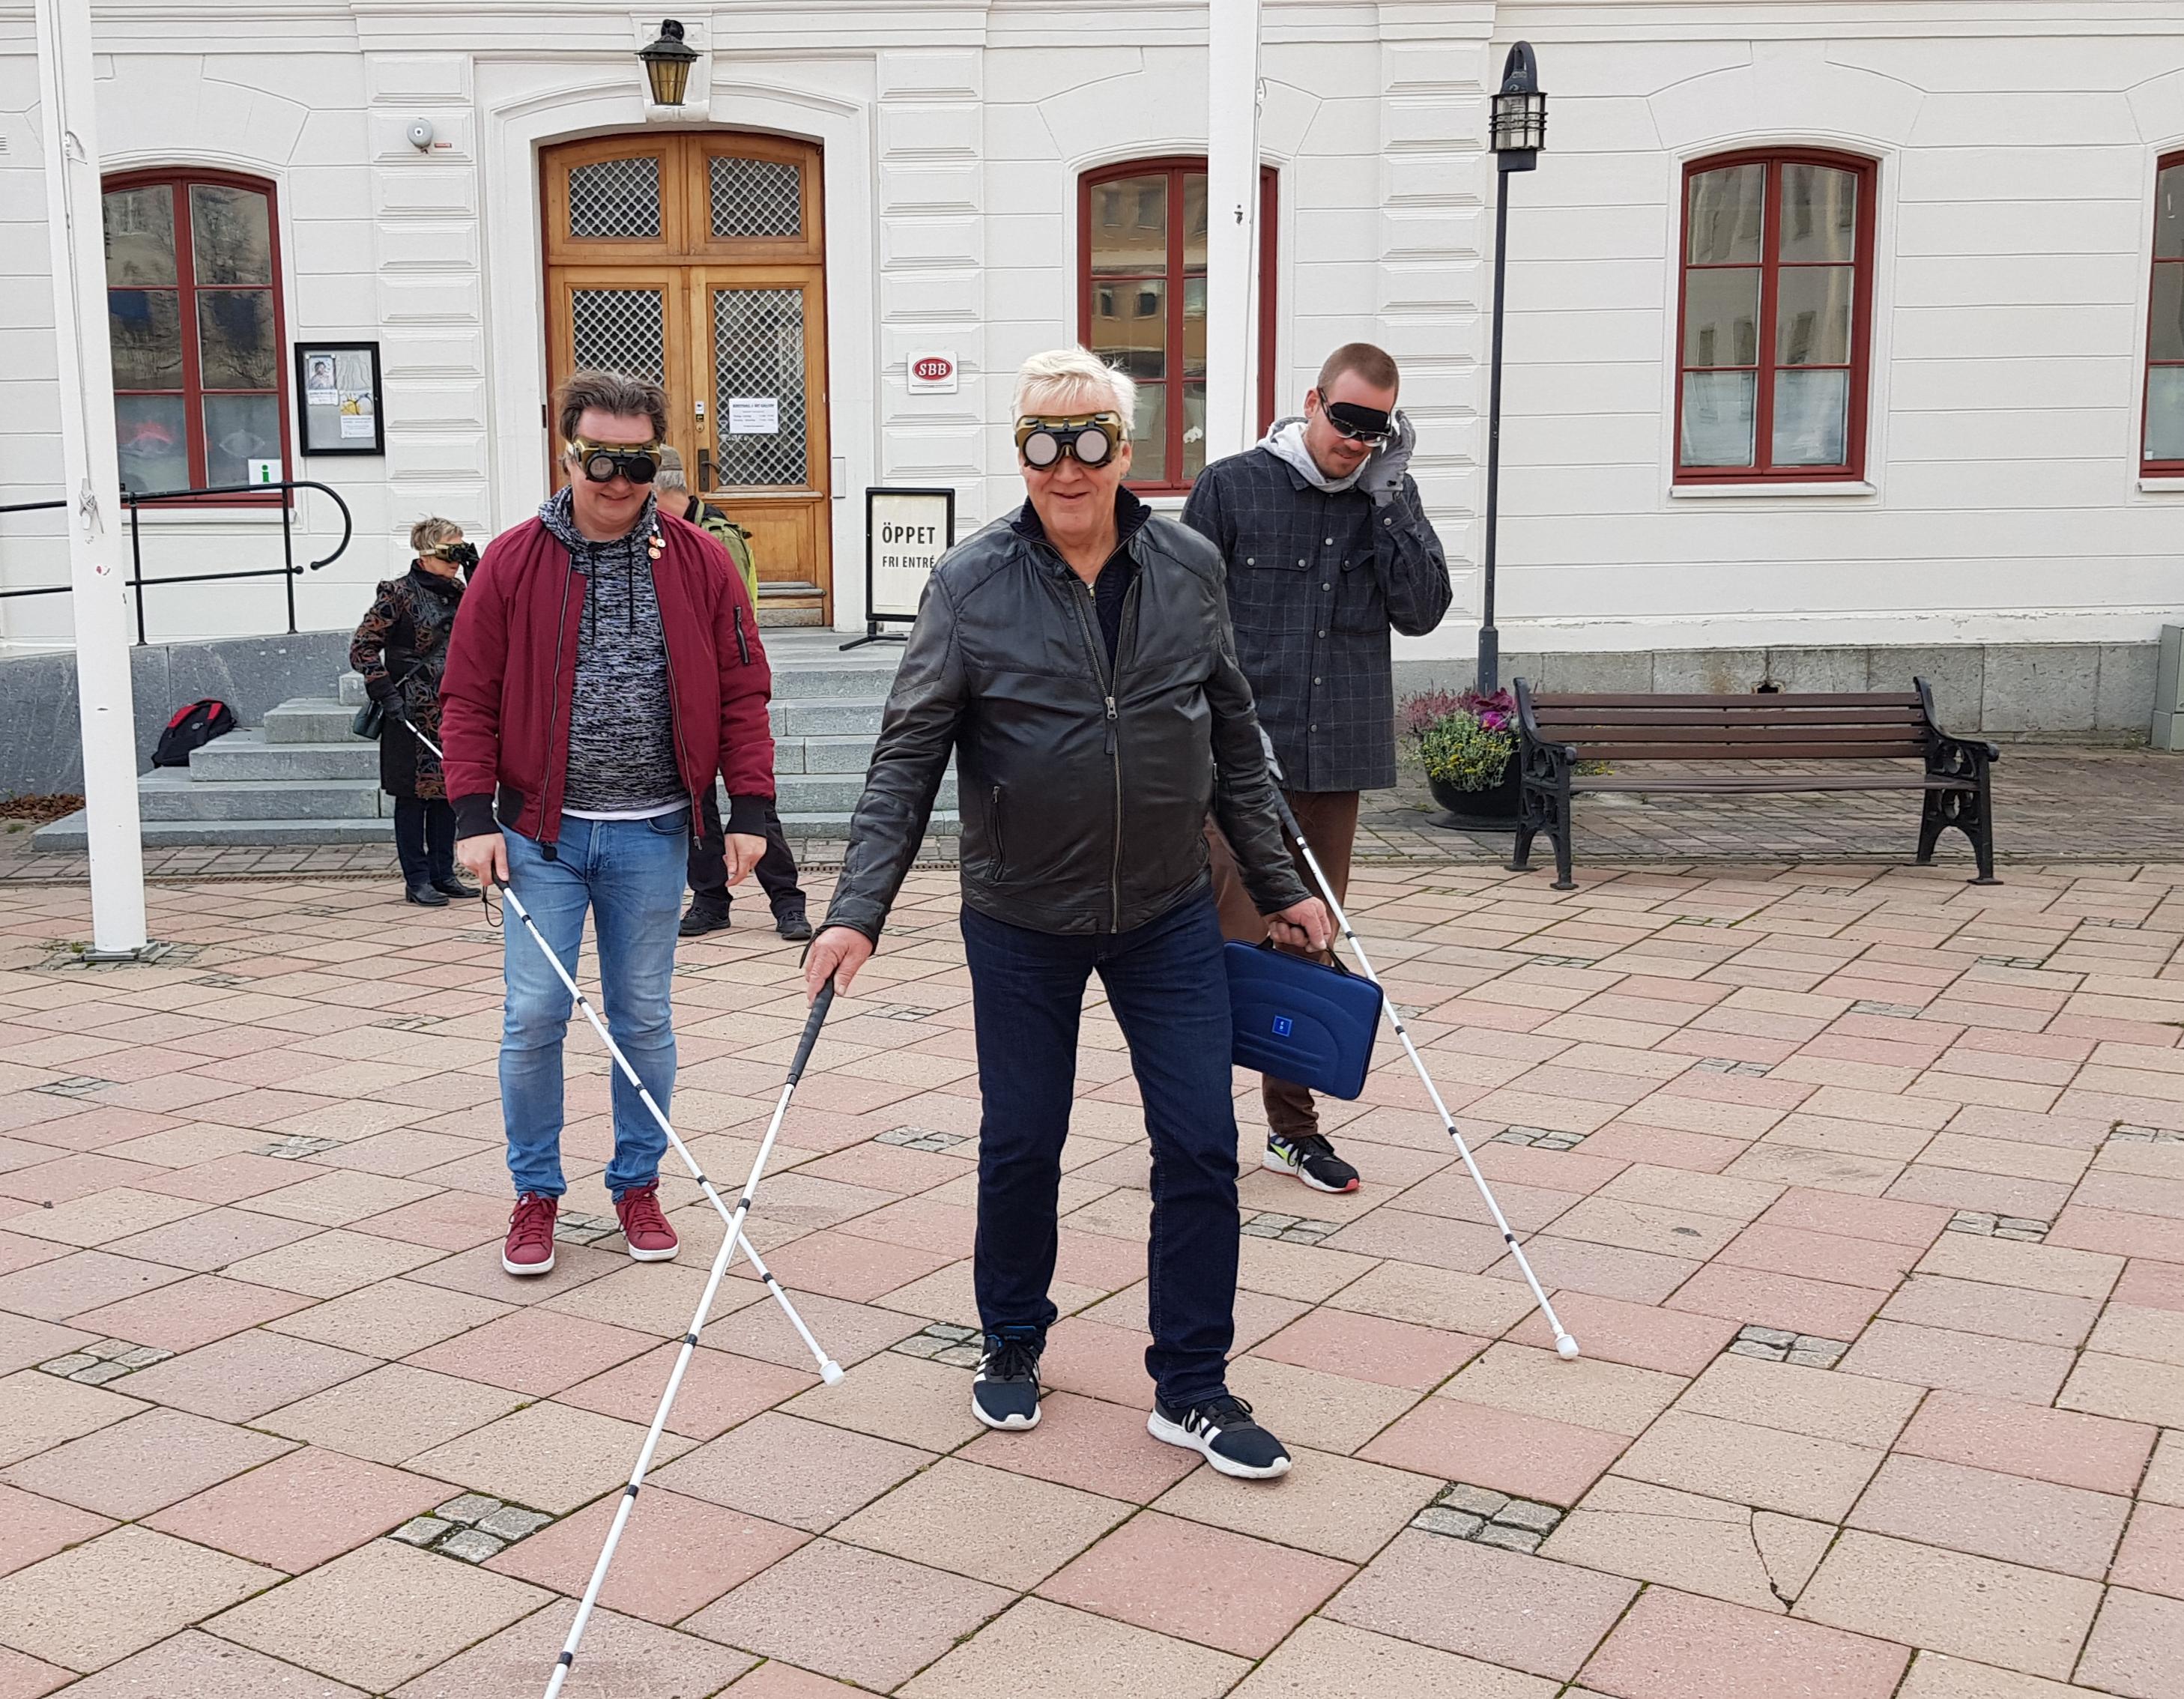 Kommunpolitikerna på promenad på Stora torget i Härnösand med käpp, bindel och glasögon